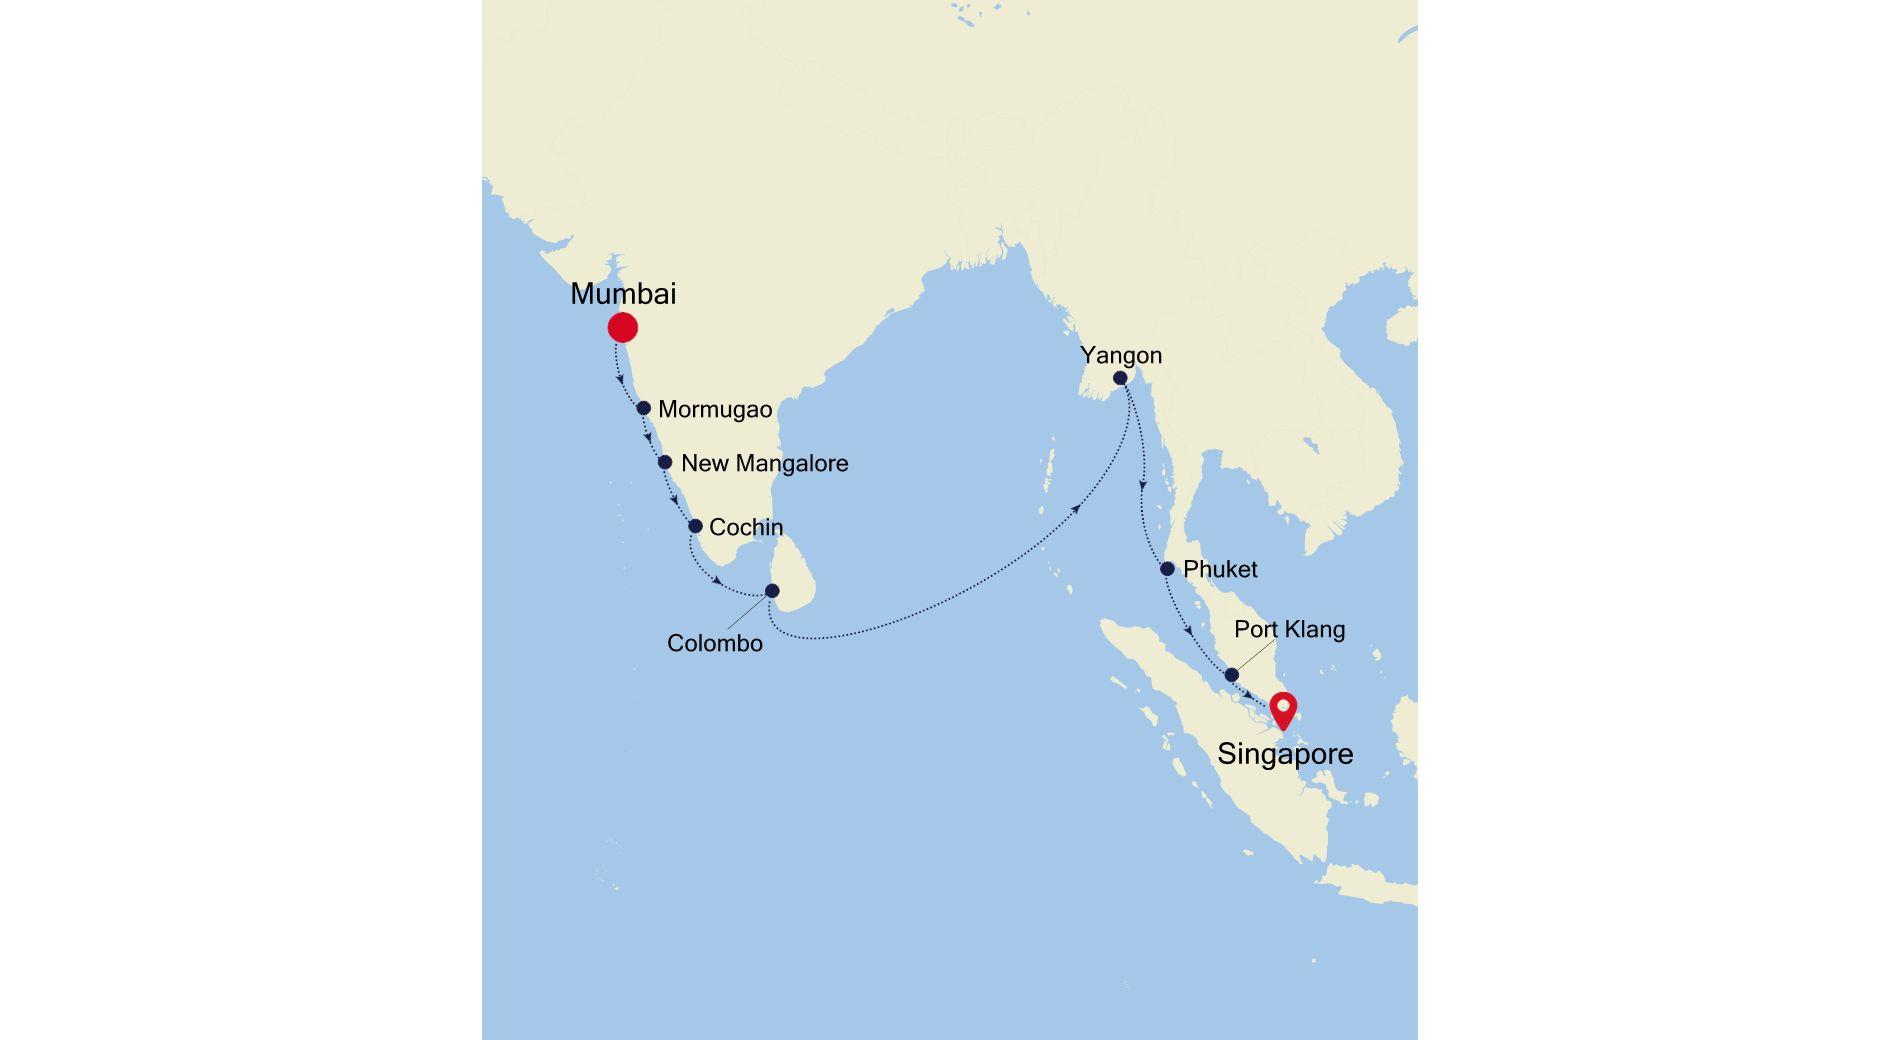 SS211218017 - Mumbai à Singapore